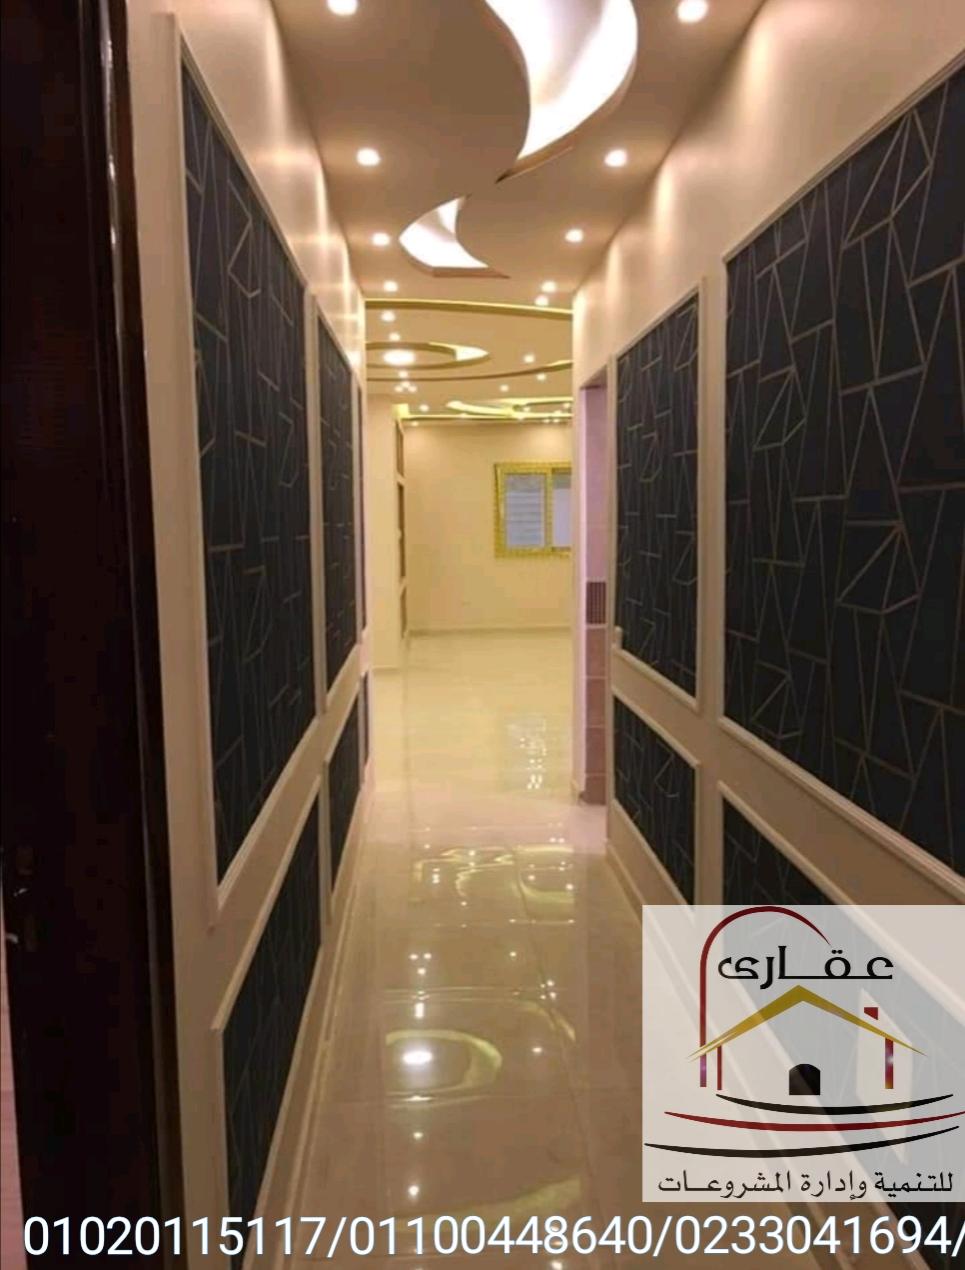 شركة  تشطيبات داخليه / شركة تشطيب في مصر / شركة عقارى 01020115117 Img-1160